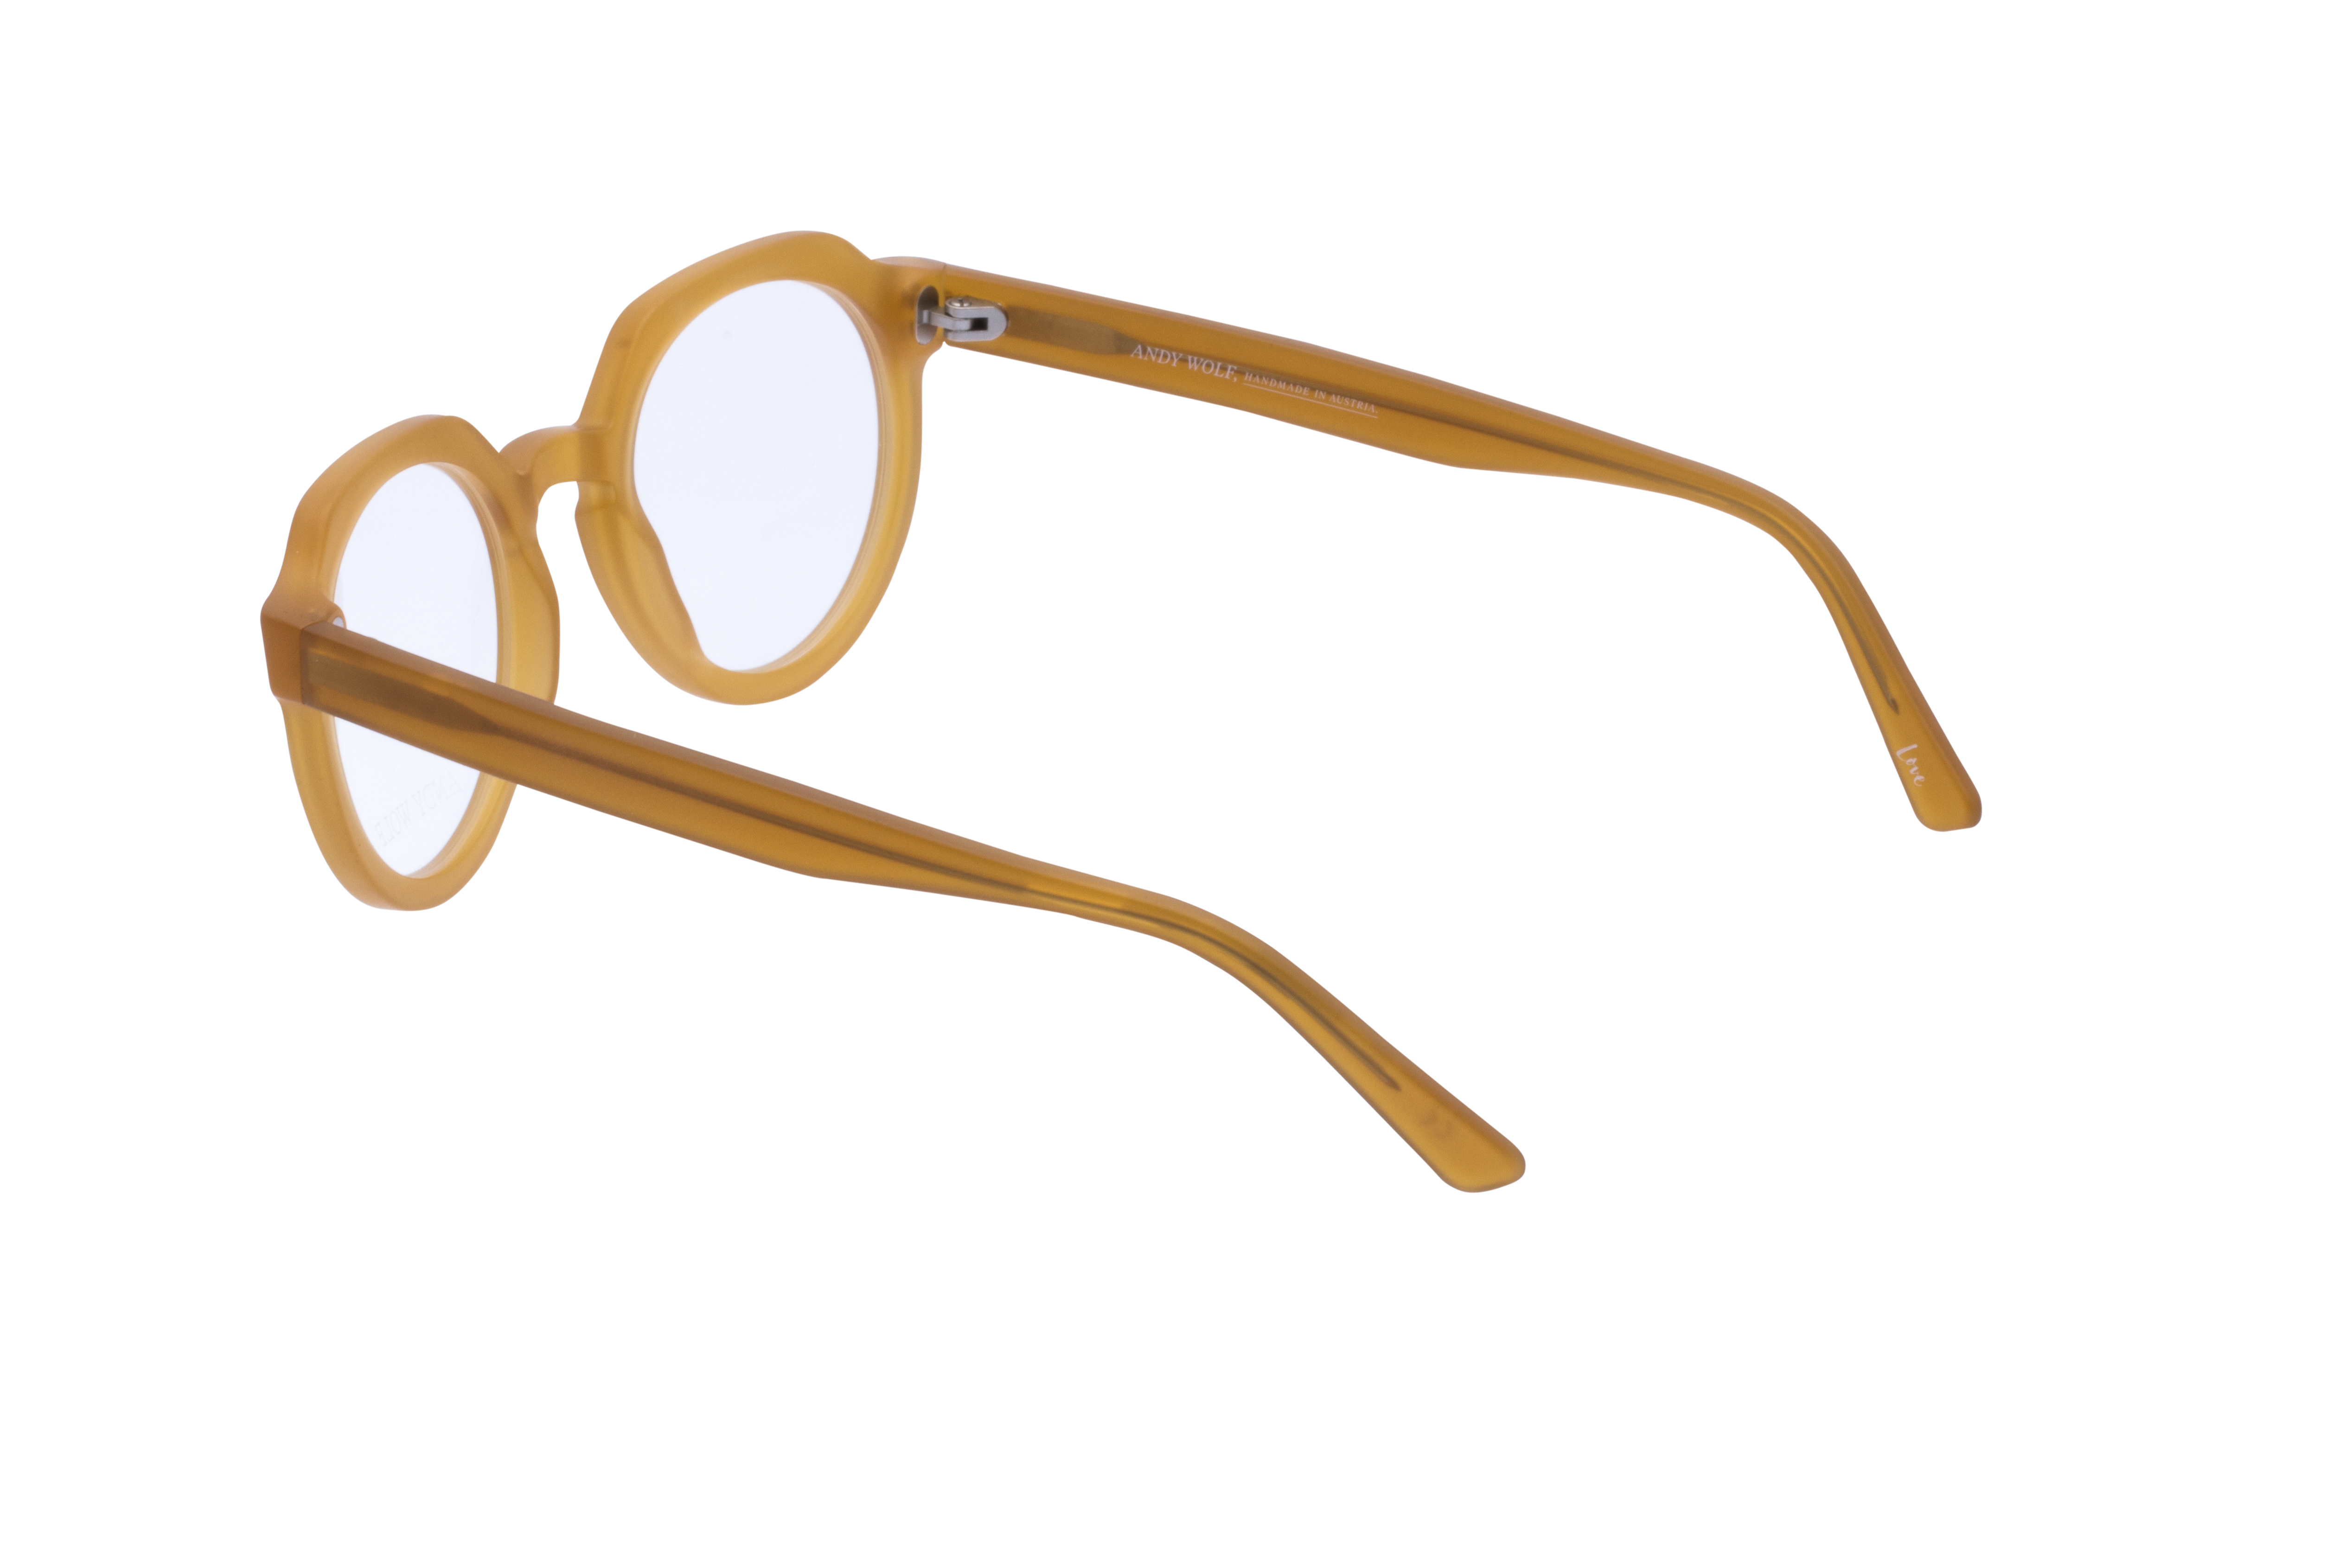 360 Grad Ansicht 16 Andy Wolf 4570, Brille auf Weiß - Fassung bei KUNK